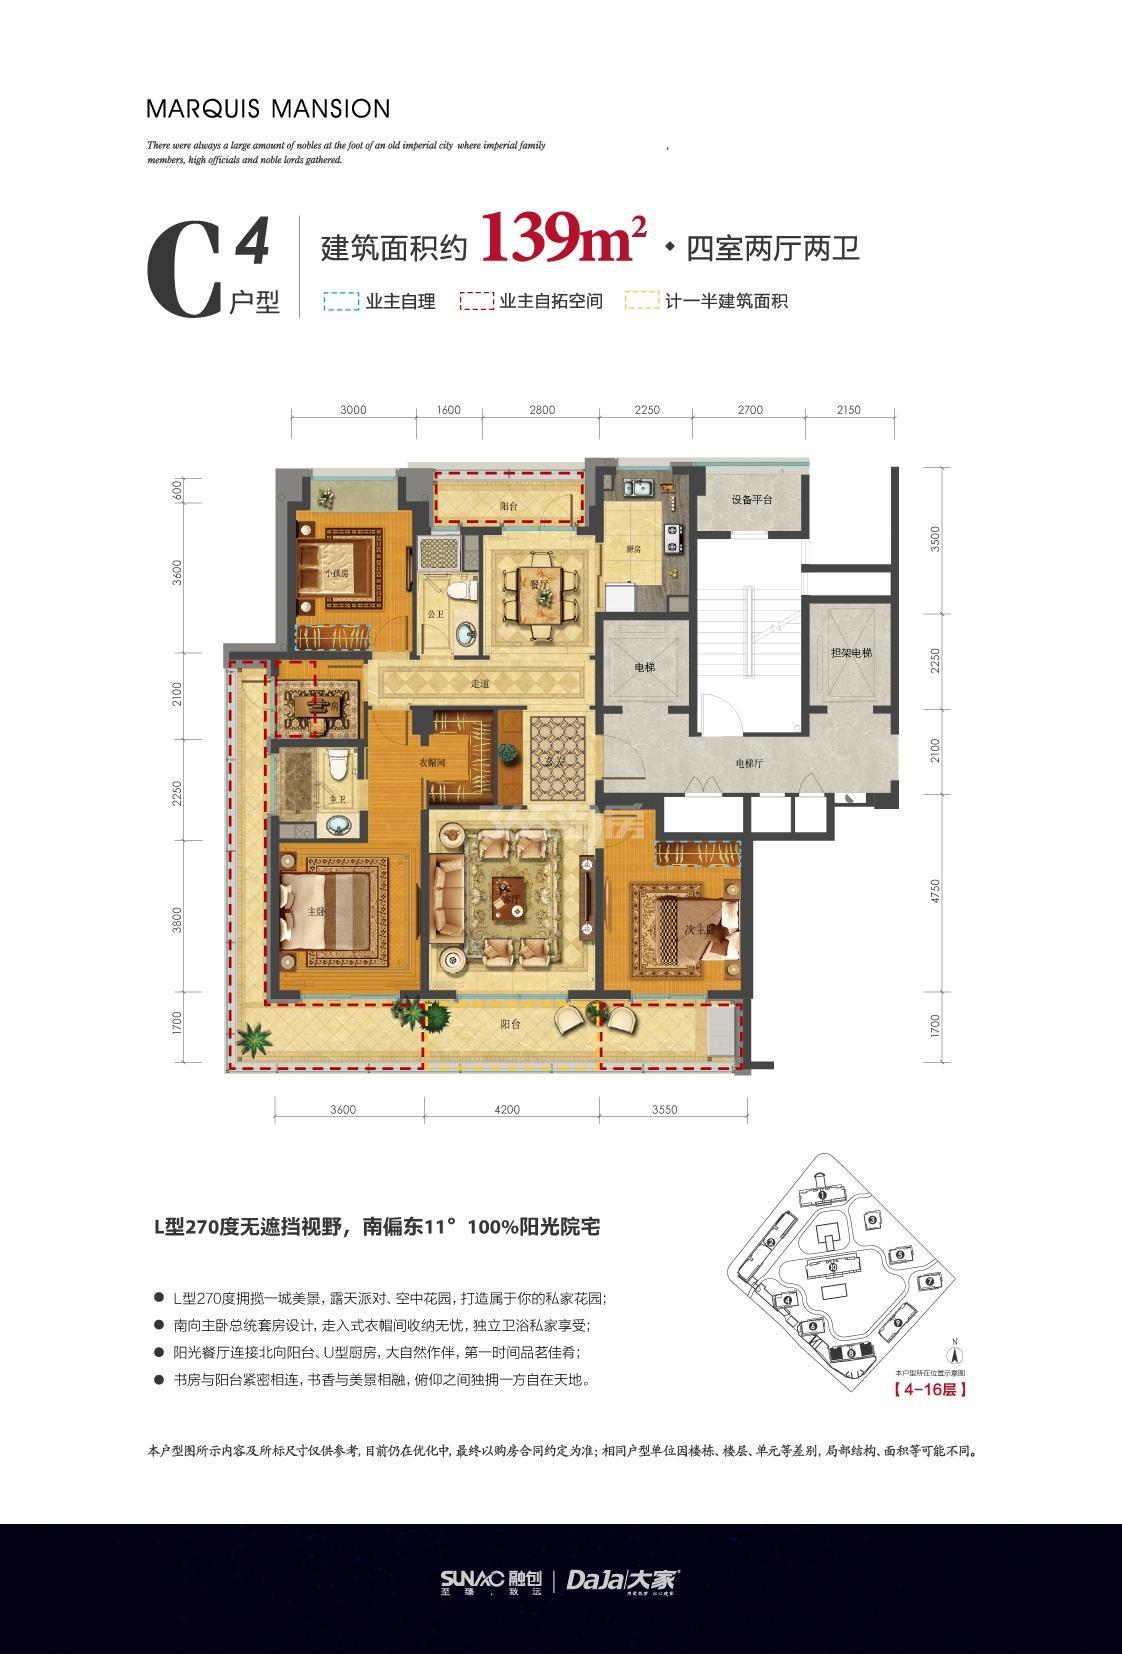 融创大家侯潮府项目8号楼4-16层边套C4户型 139㎡